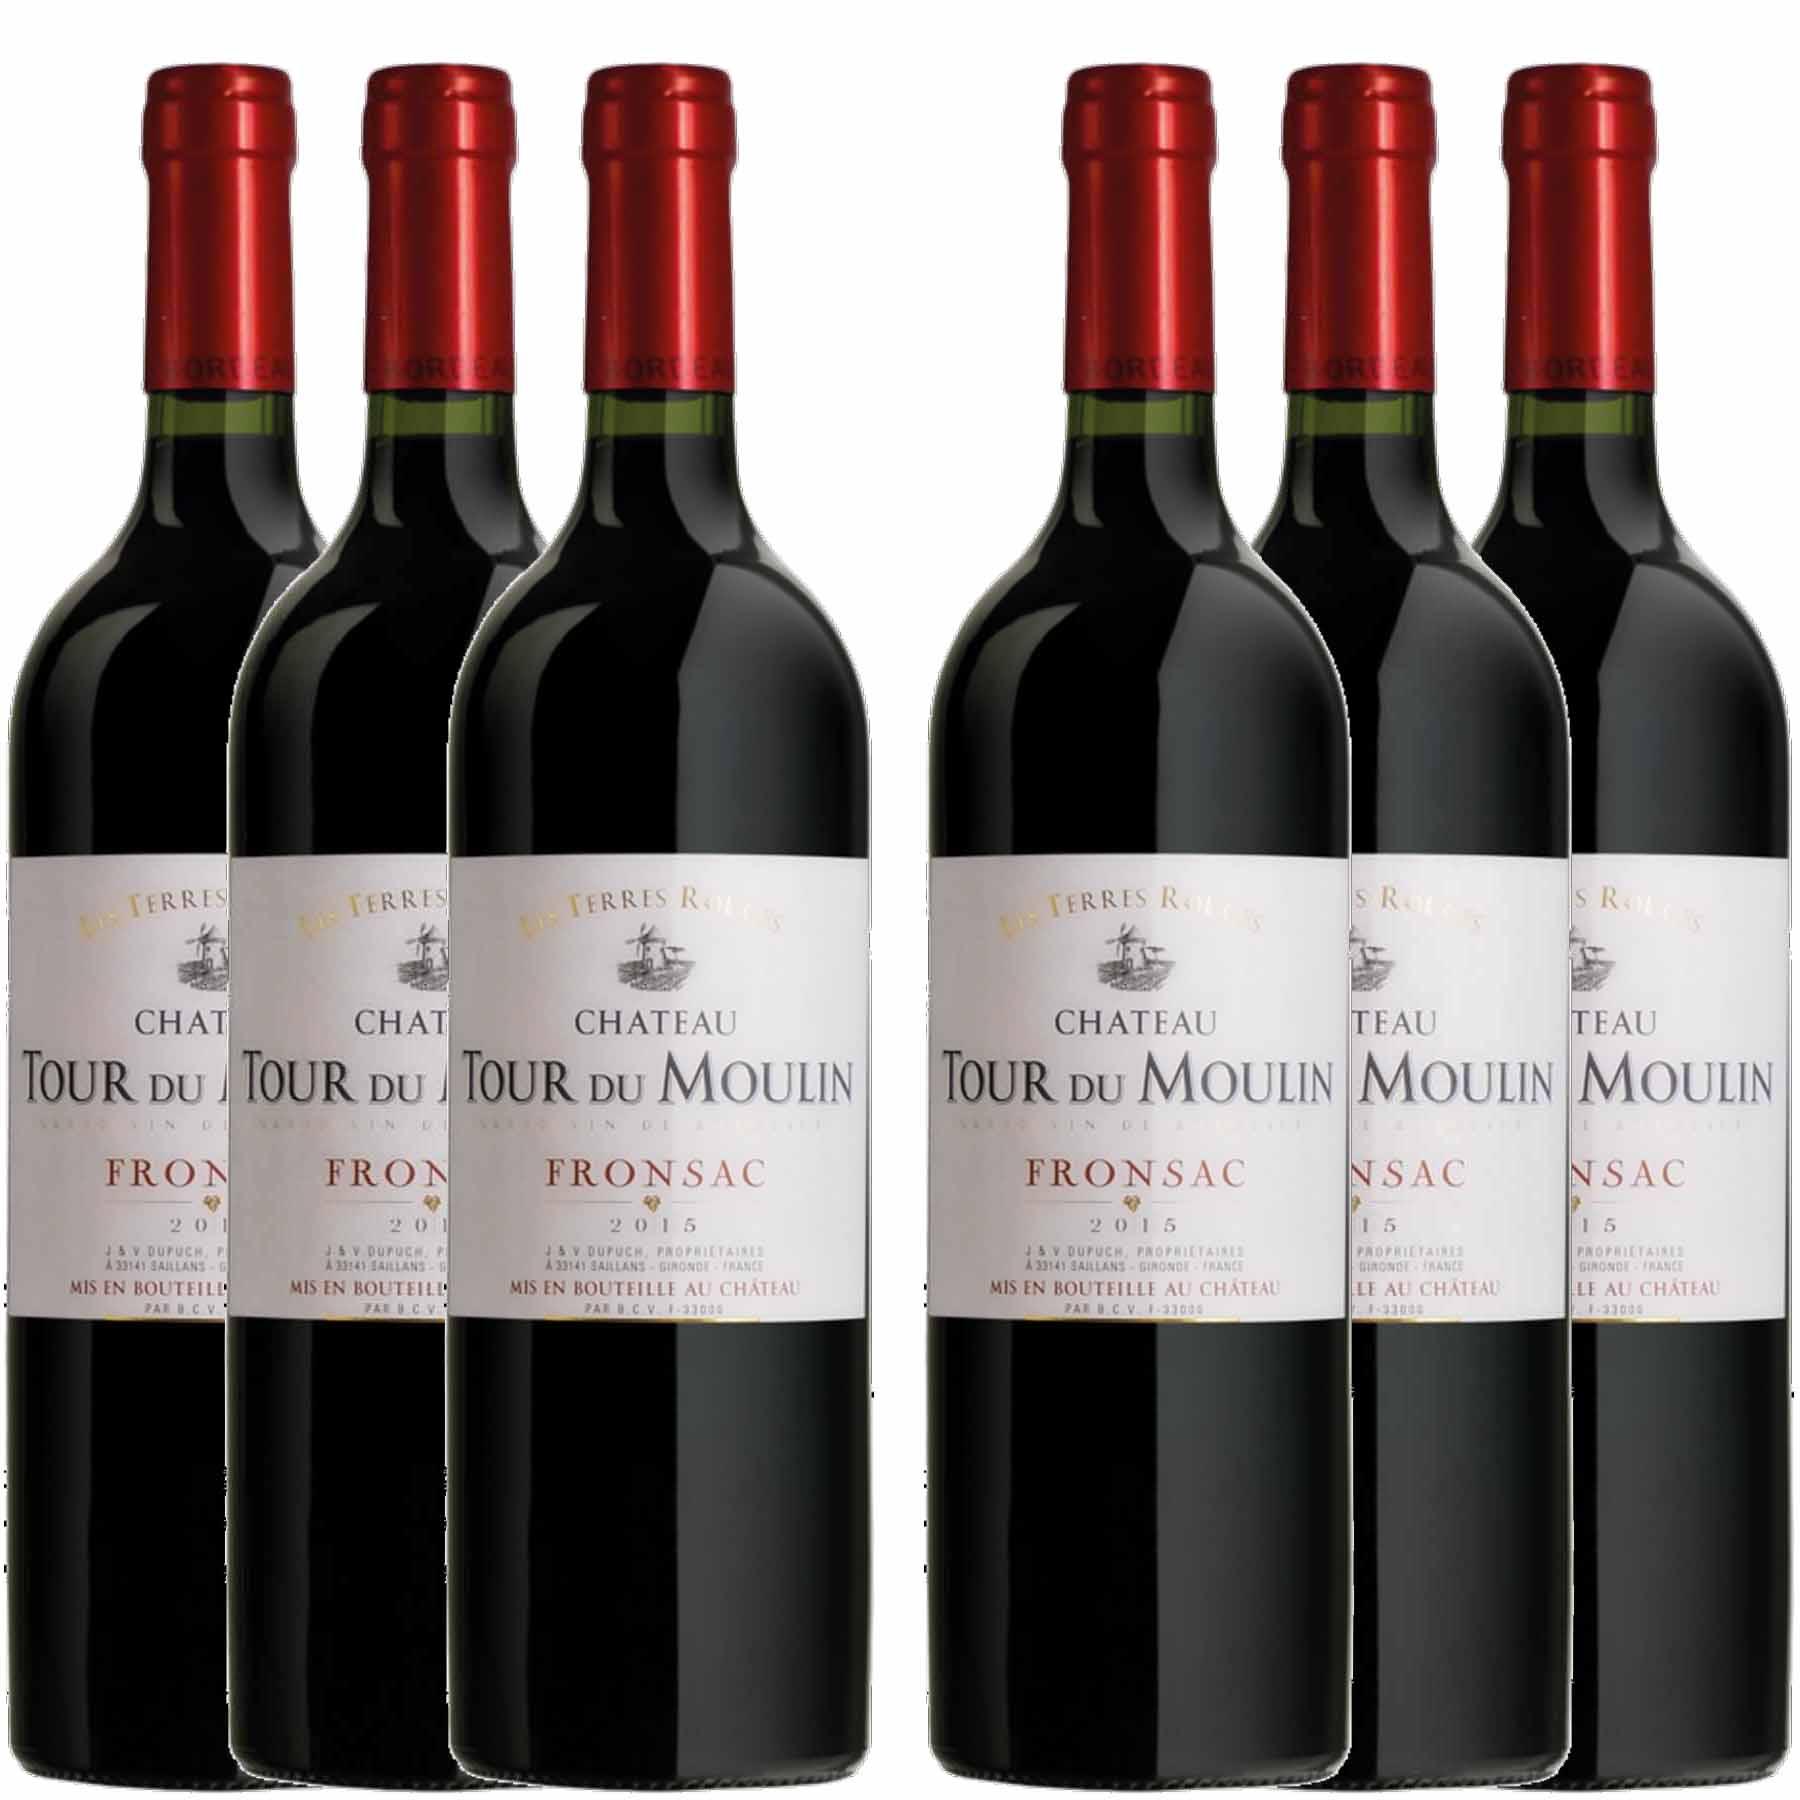 Kit 6x Vinho Tinto Francês Château Tour Du Moulin Les Terres Fronsac 2014